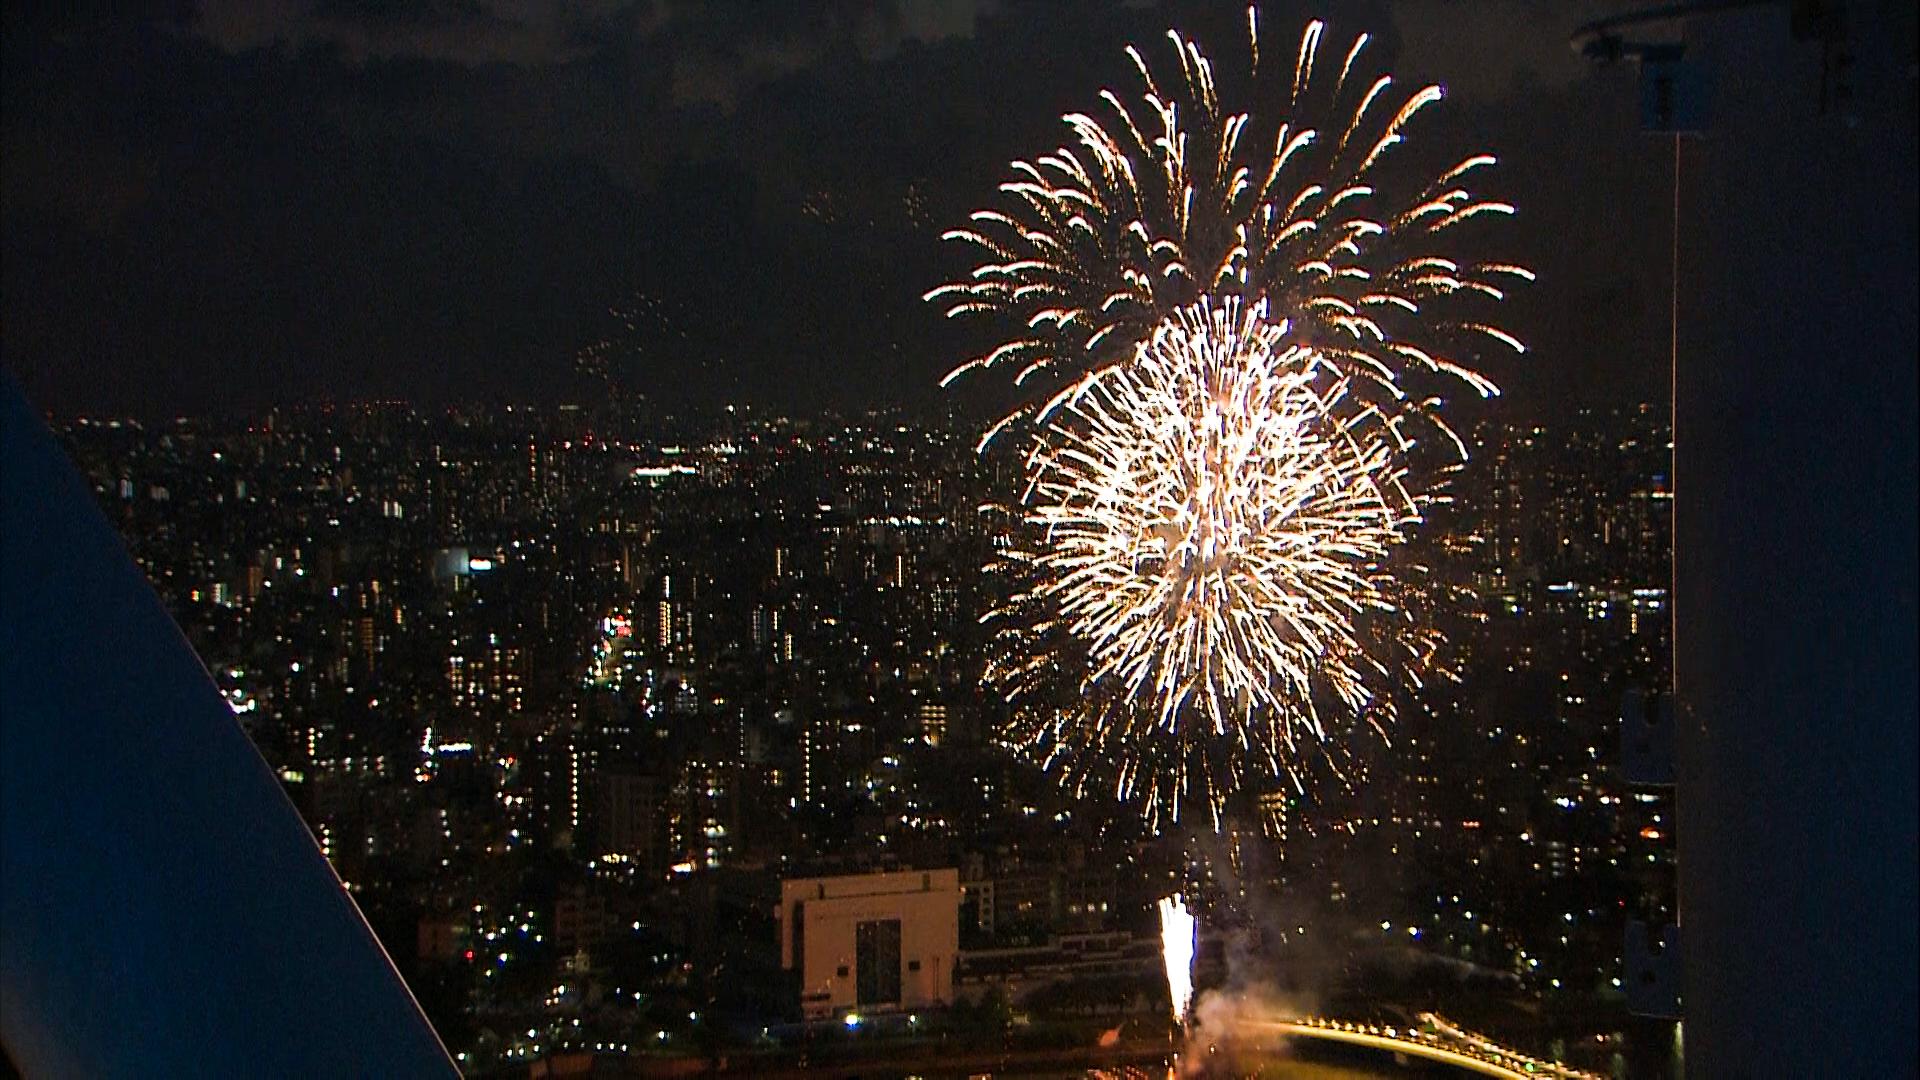 隅田川花火大会が行われる予定であった7月11日(土)から、東京スカイツリータウン(R)で「未来につなぐバーチャル花火」を開催!